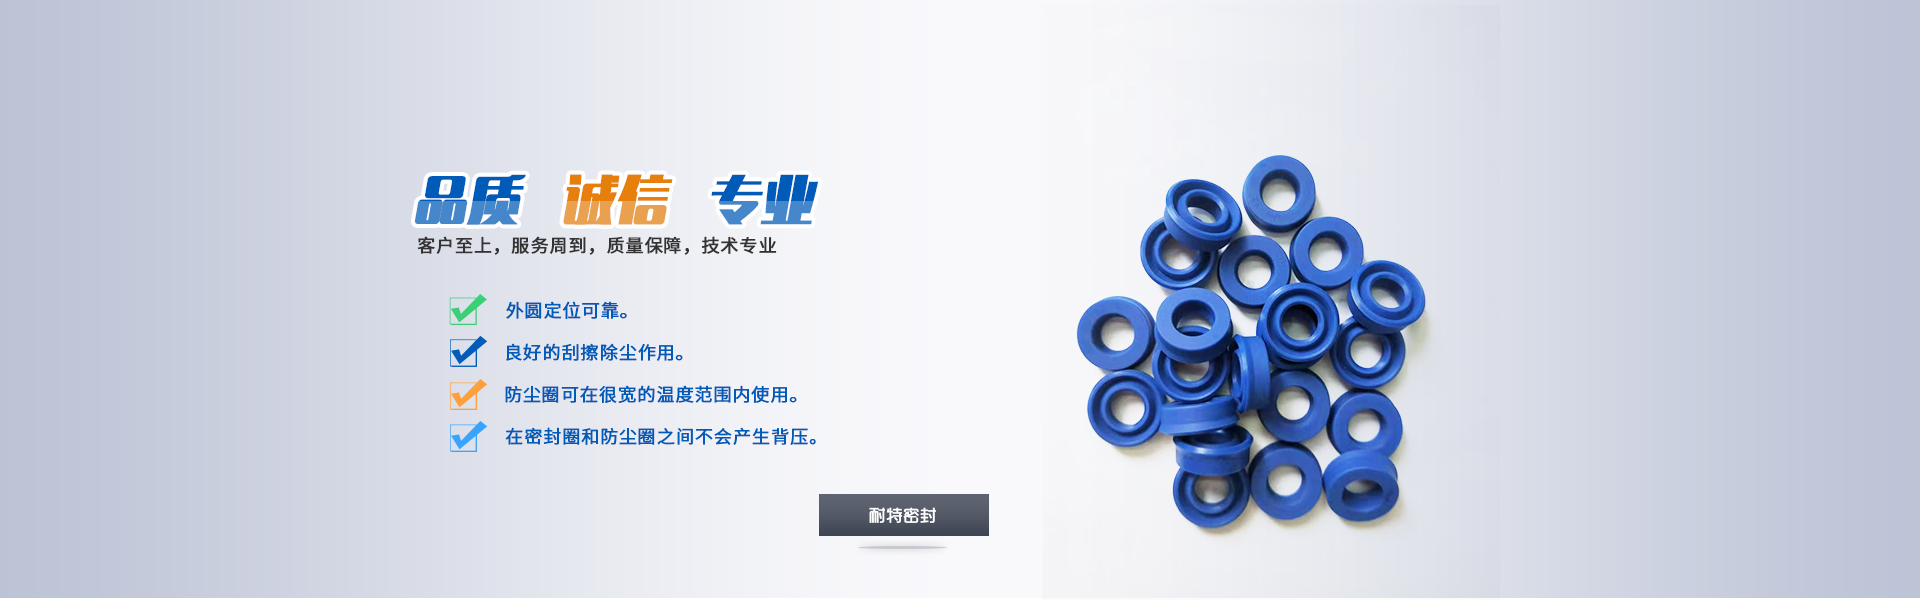 橡胶聚氨酯制品厂家